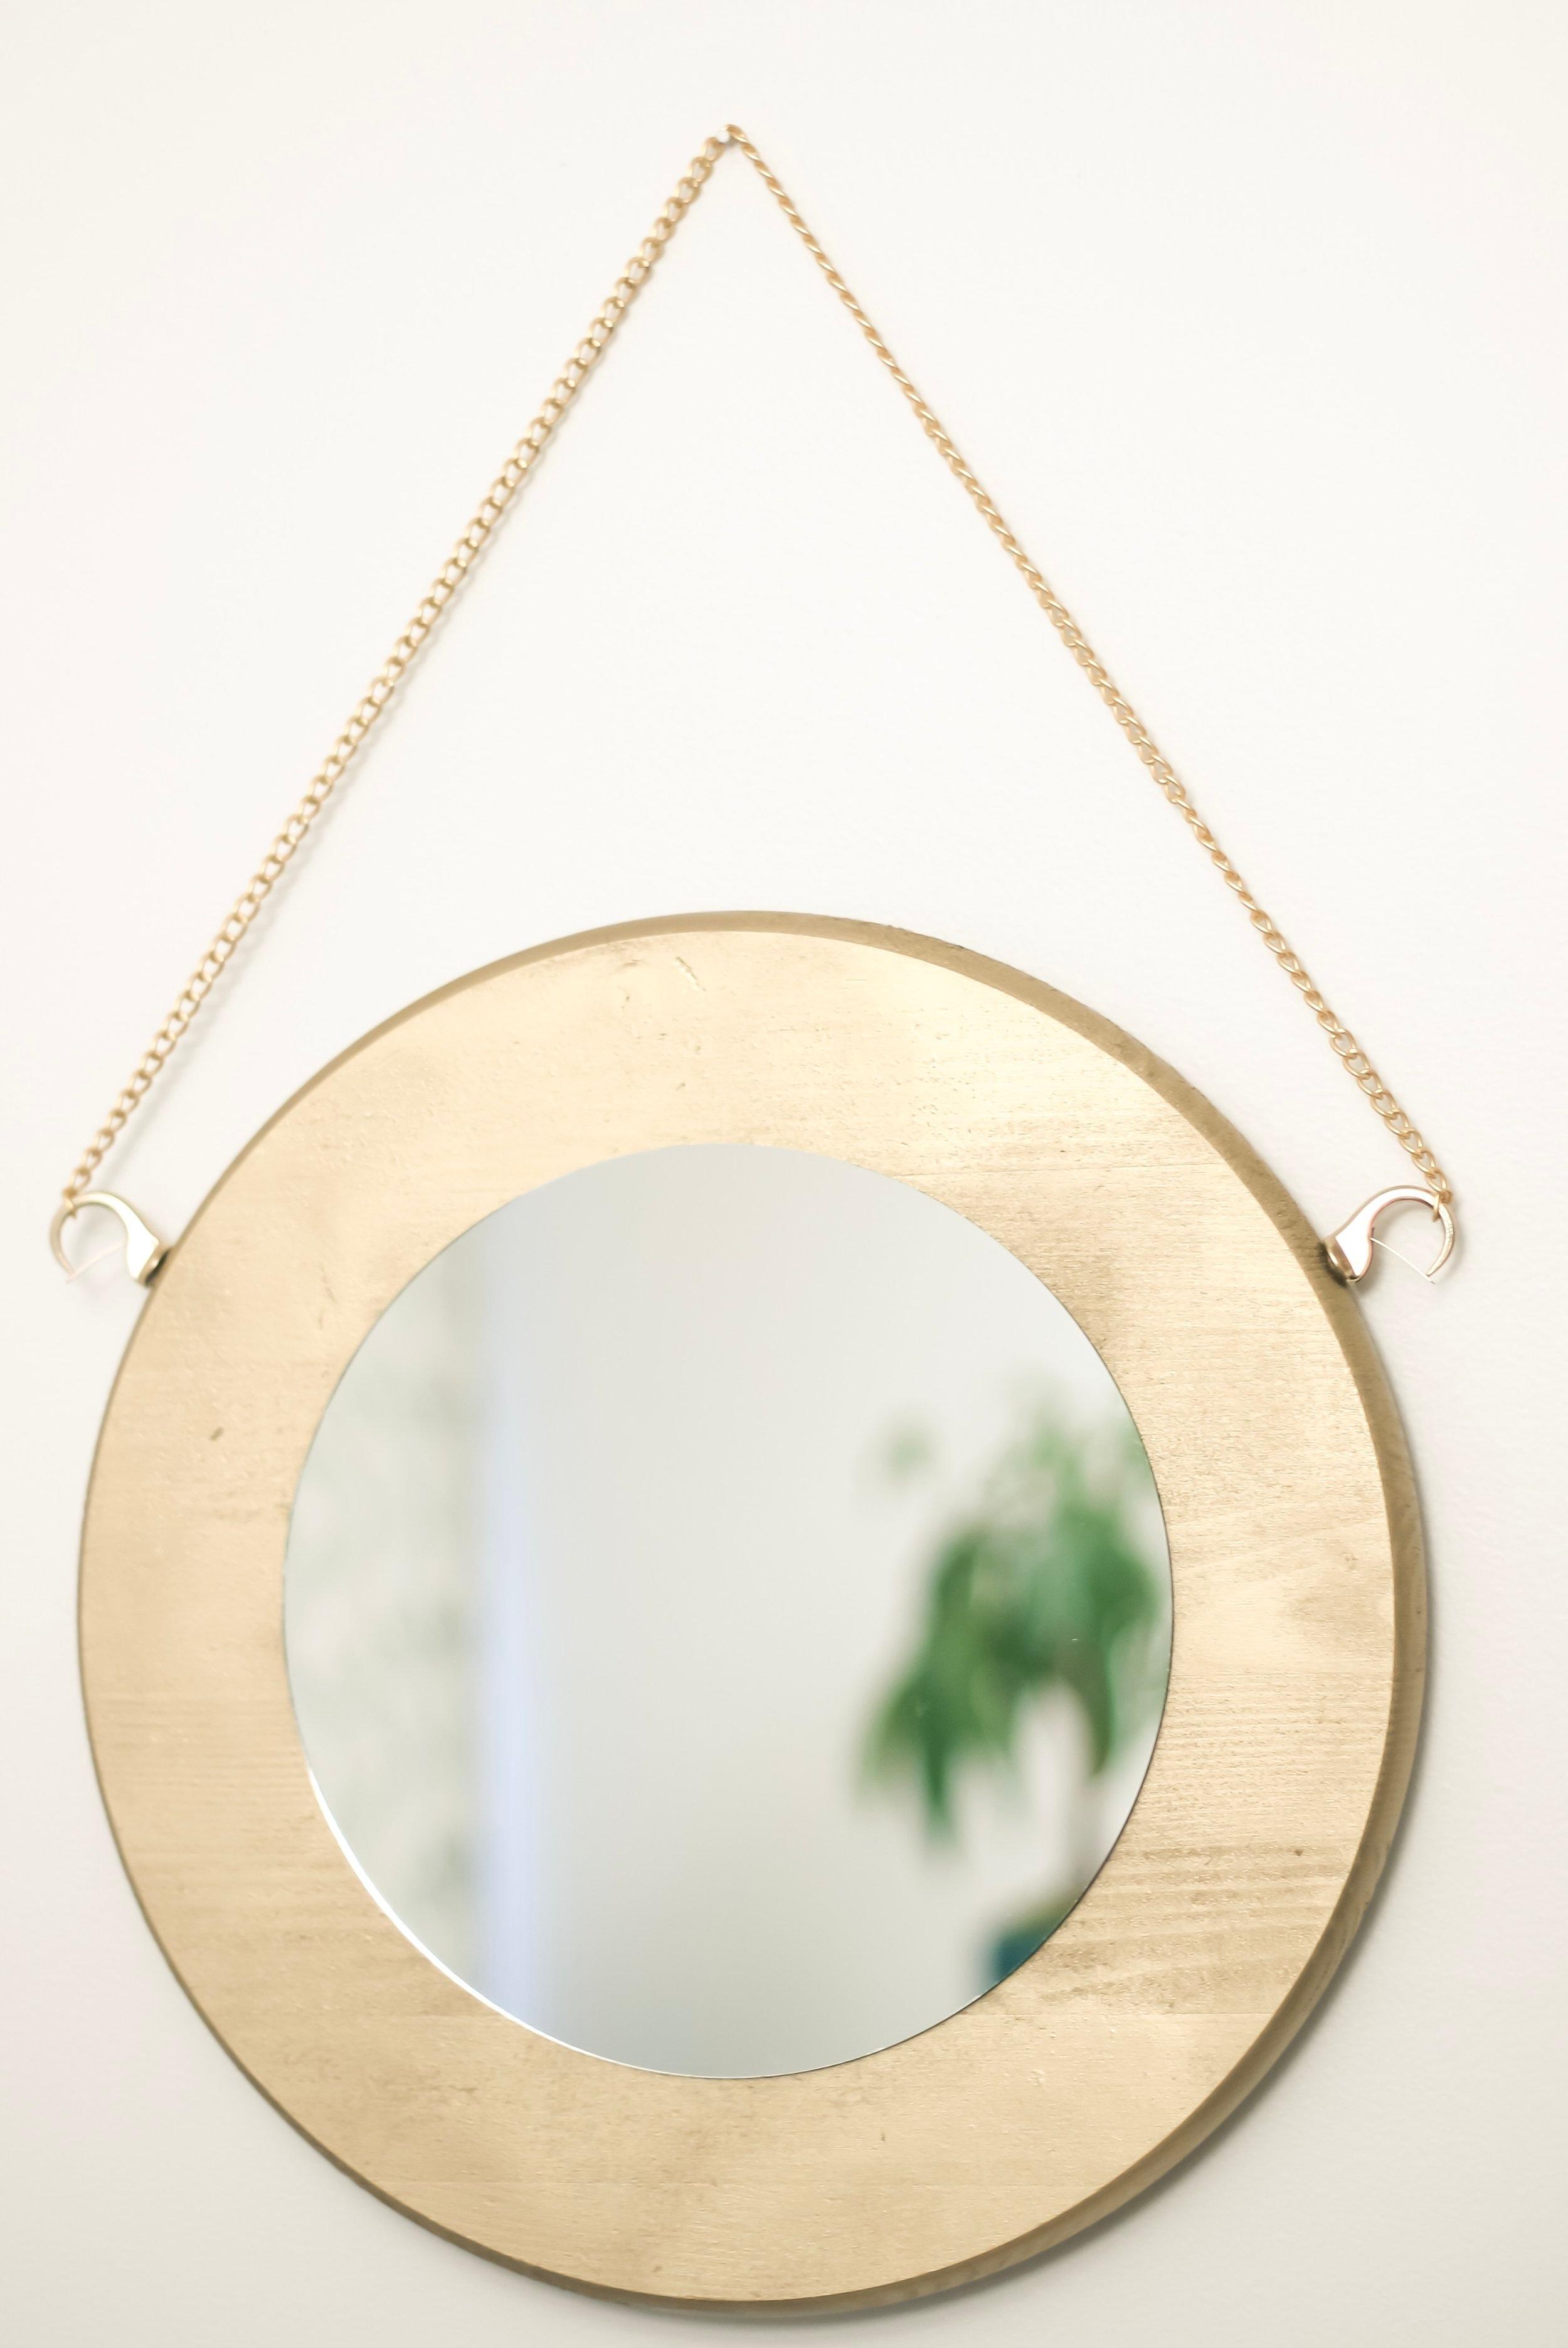 DIY Round Gold Mirror